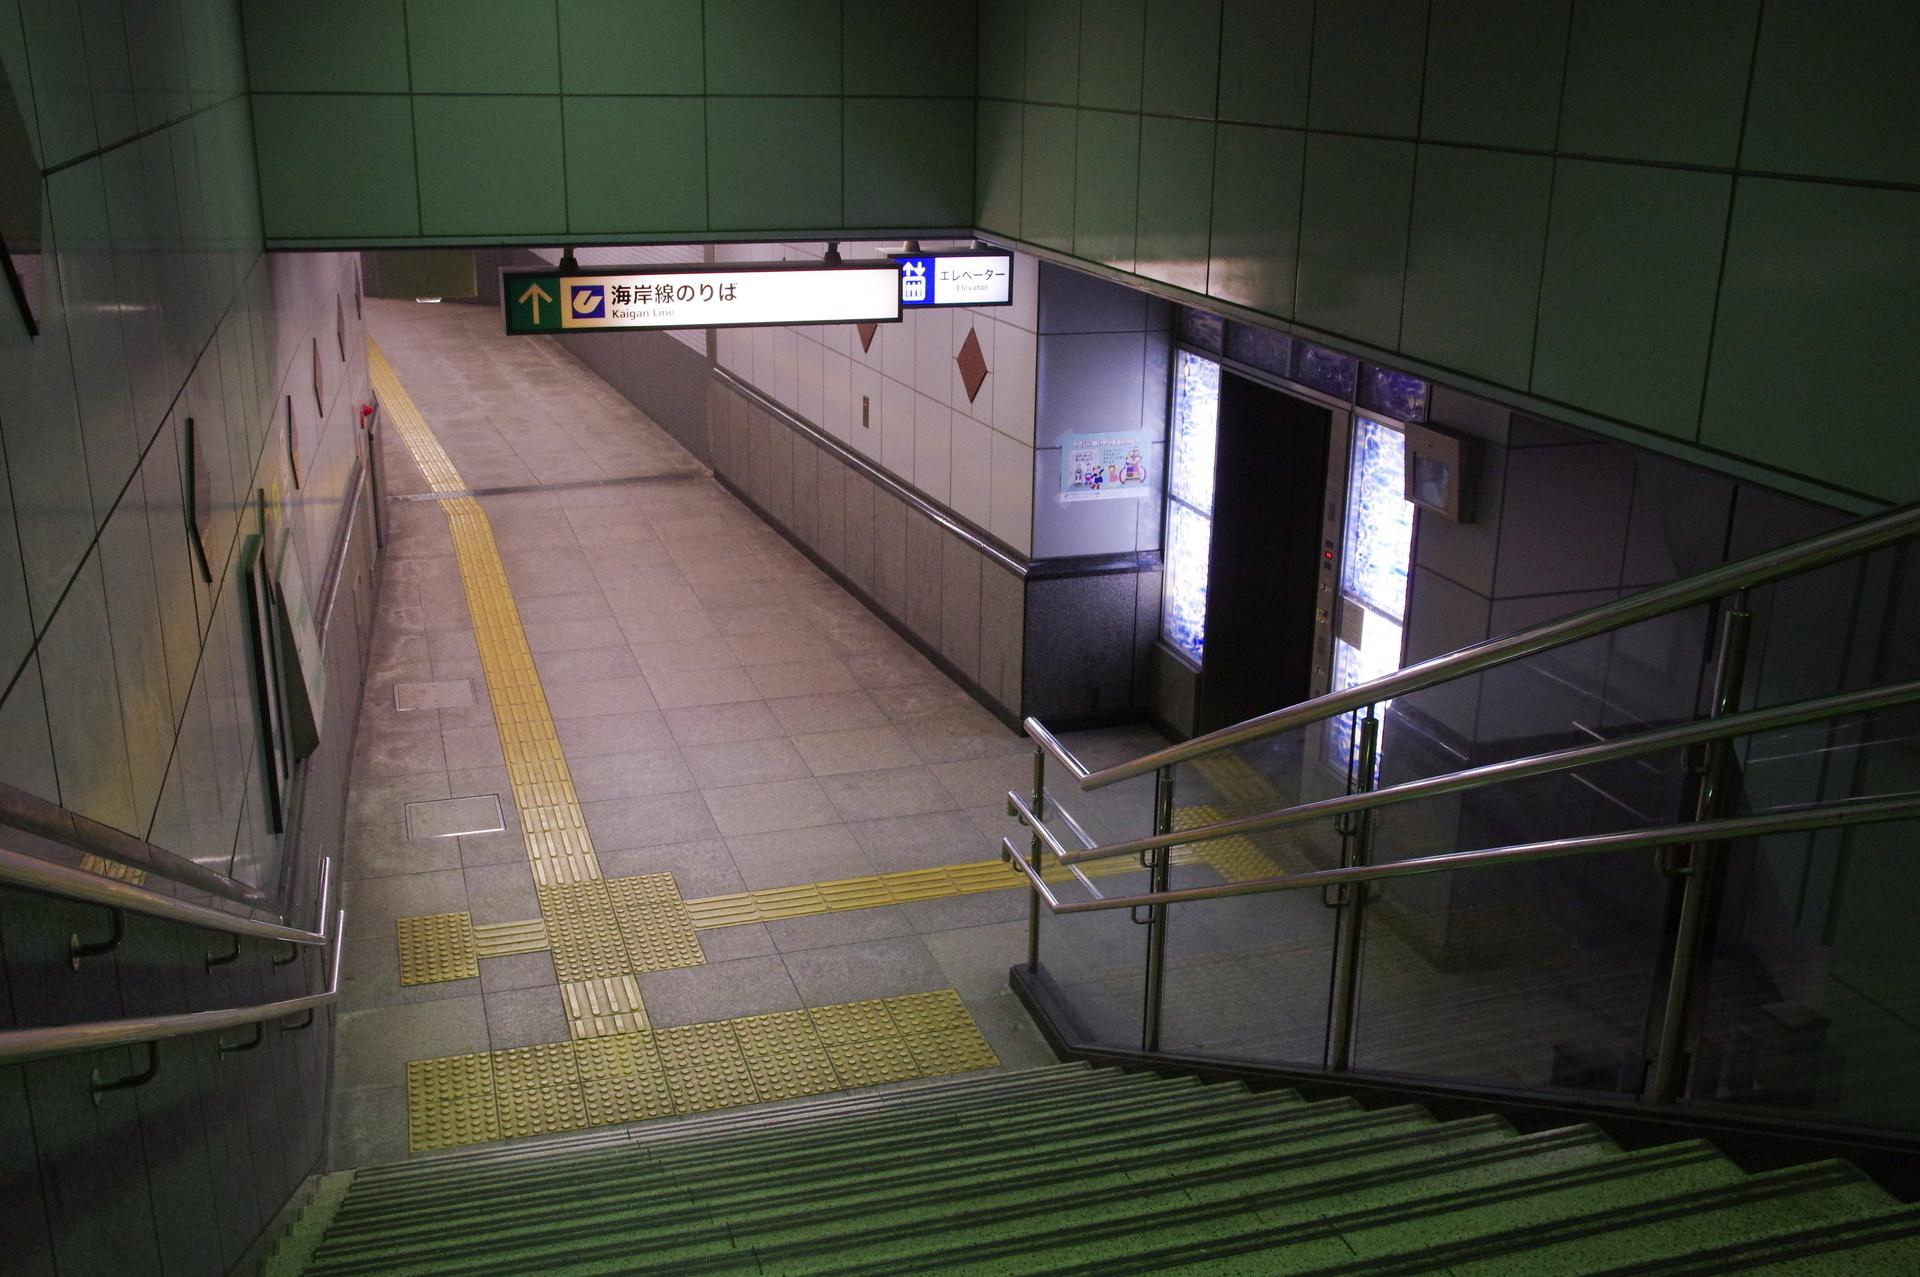 2番出口の階段付近